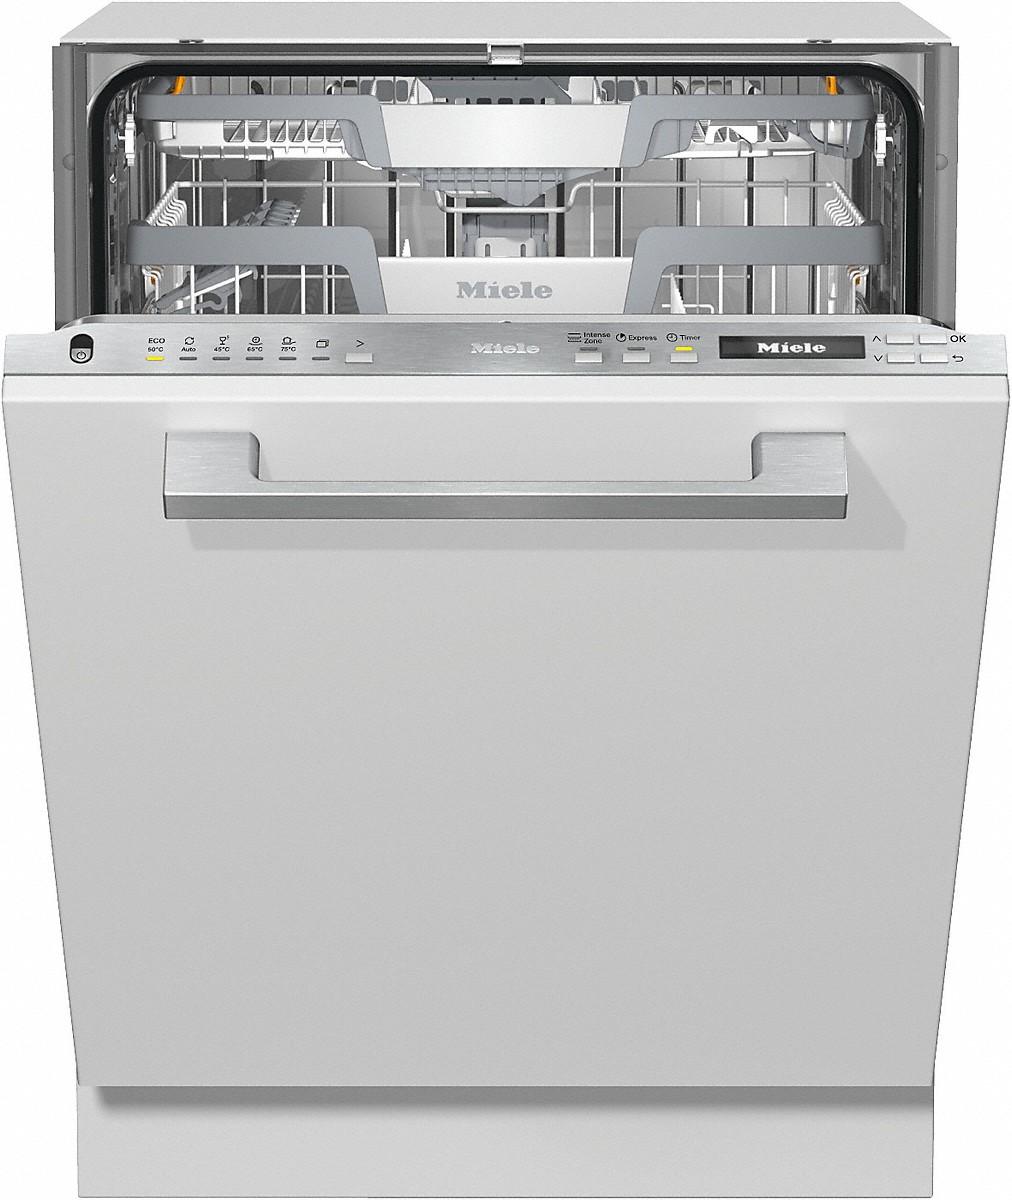 Miele G 7150 SCVI Vollintegrierter Geschirrspüler Edelstahl